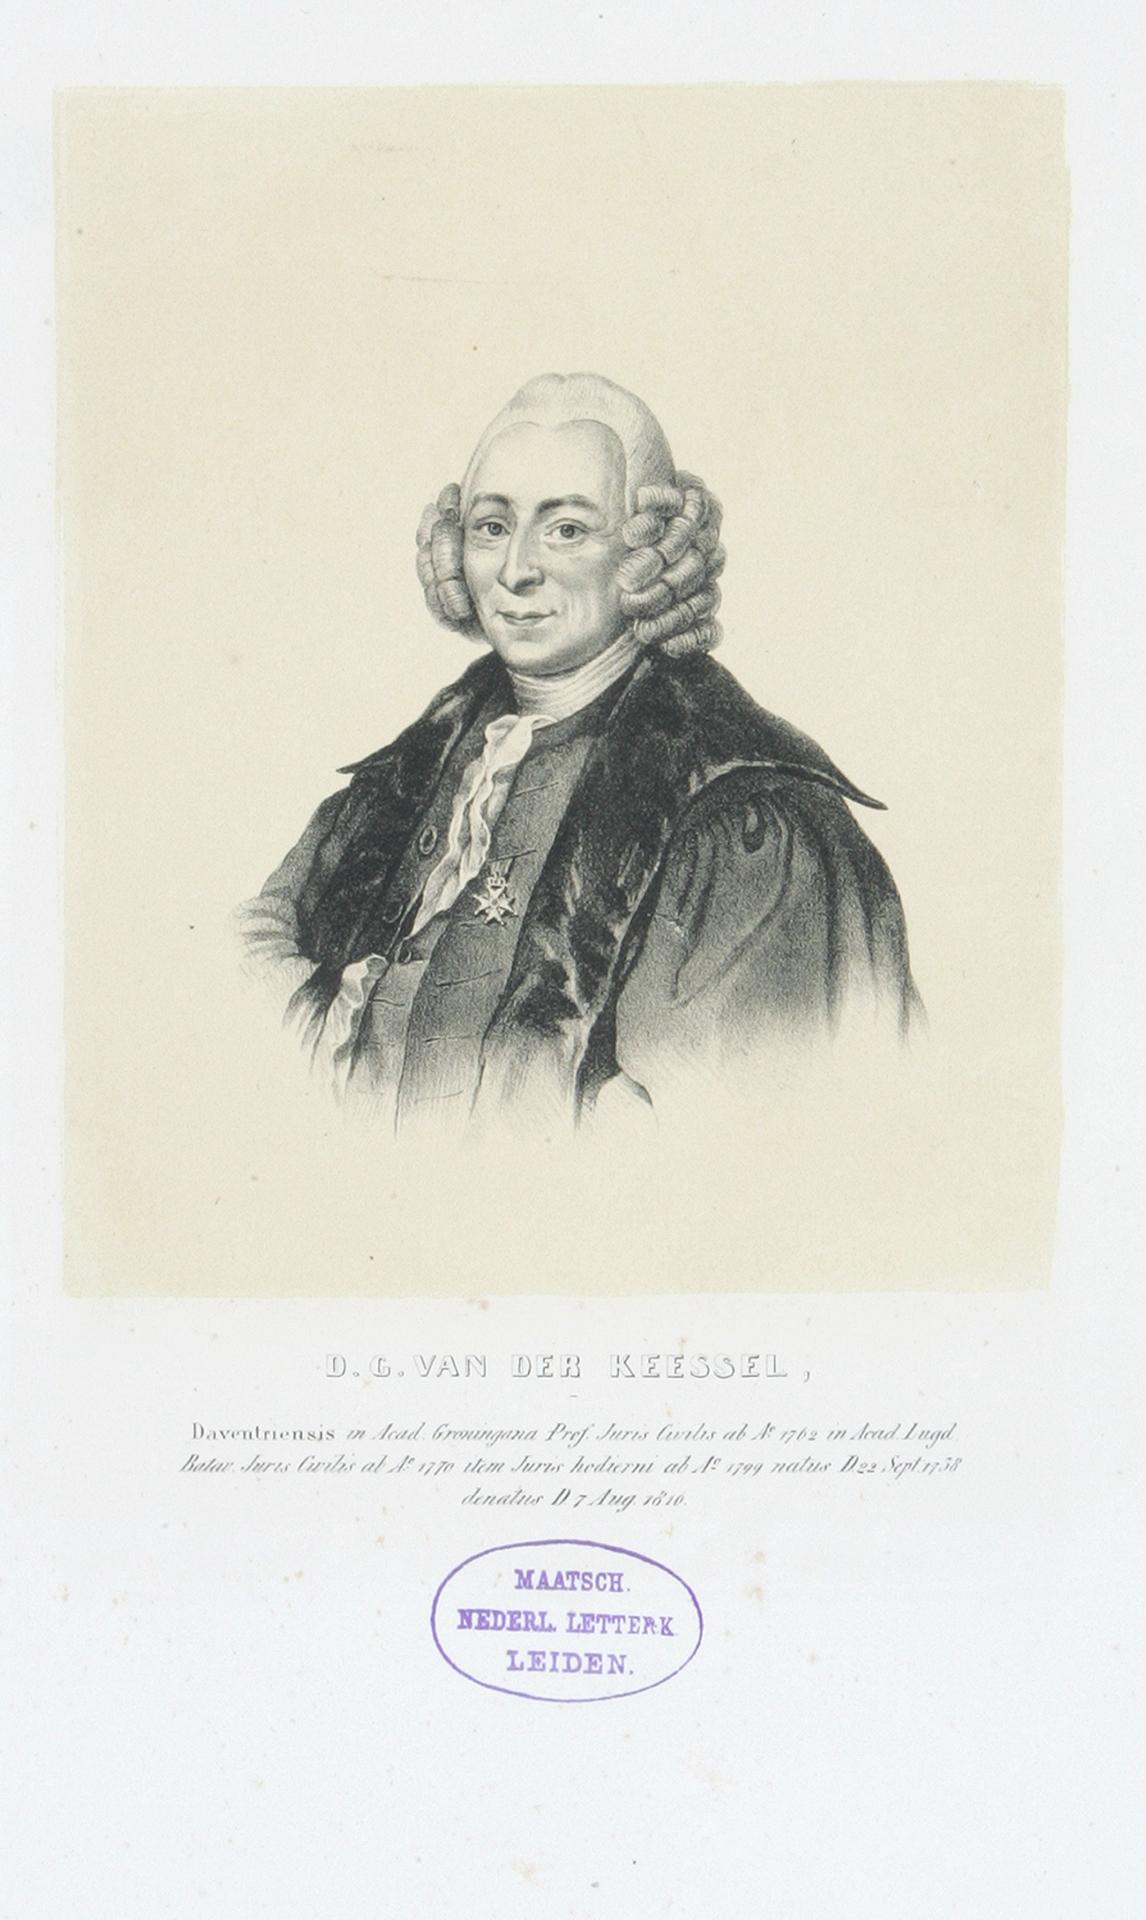 Lotte van den Bosch Van der Keessel